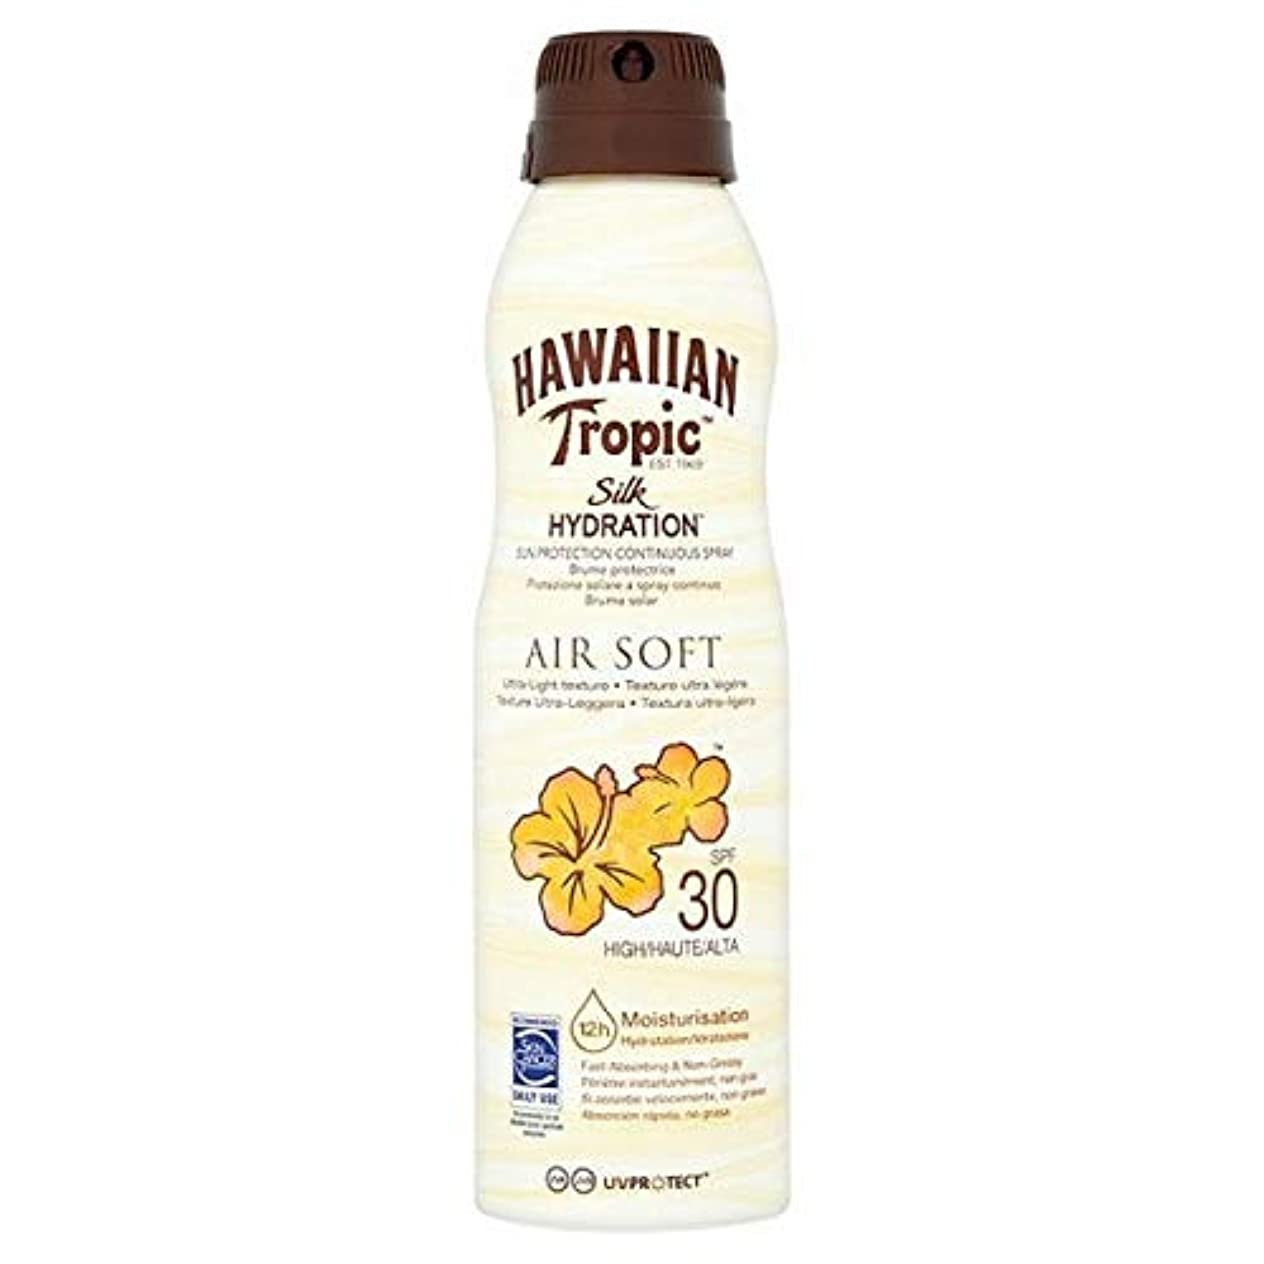 恋人航空機スポーツマン[Hawaiian Tropic ] H /向性絹水和エアガン連続スプレーSpf30の177ミリリットル - H/Tropic Silk Hydration Airsoft Continuous Spray SPF30...